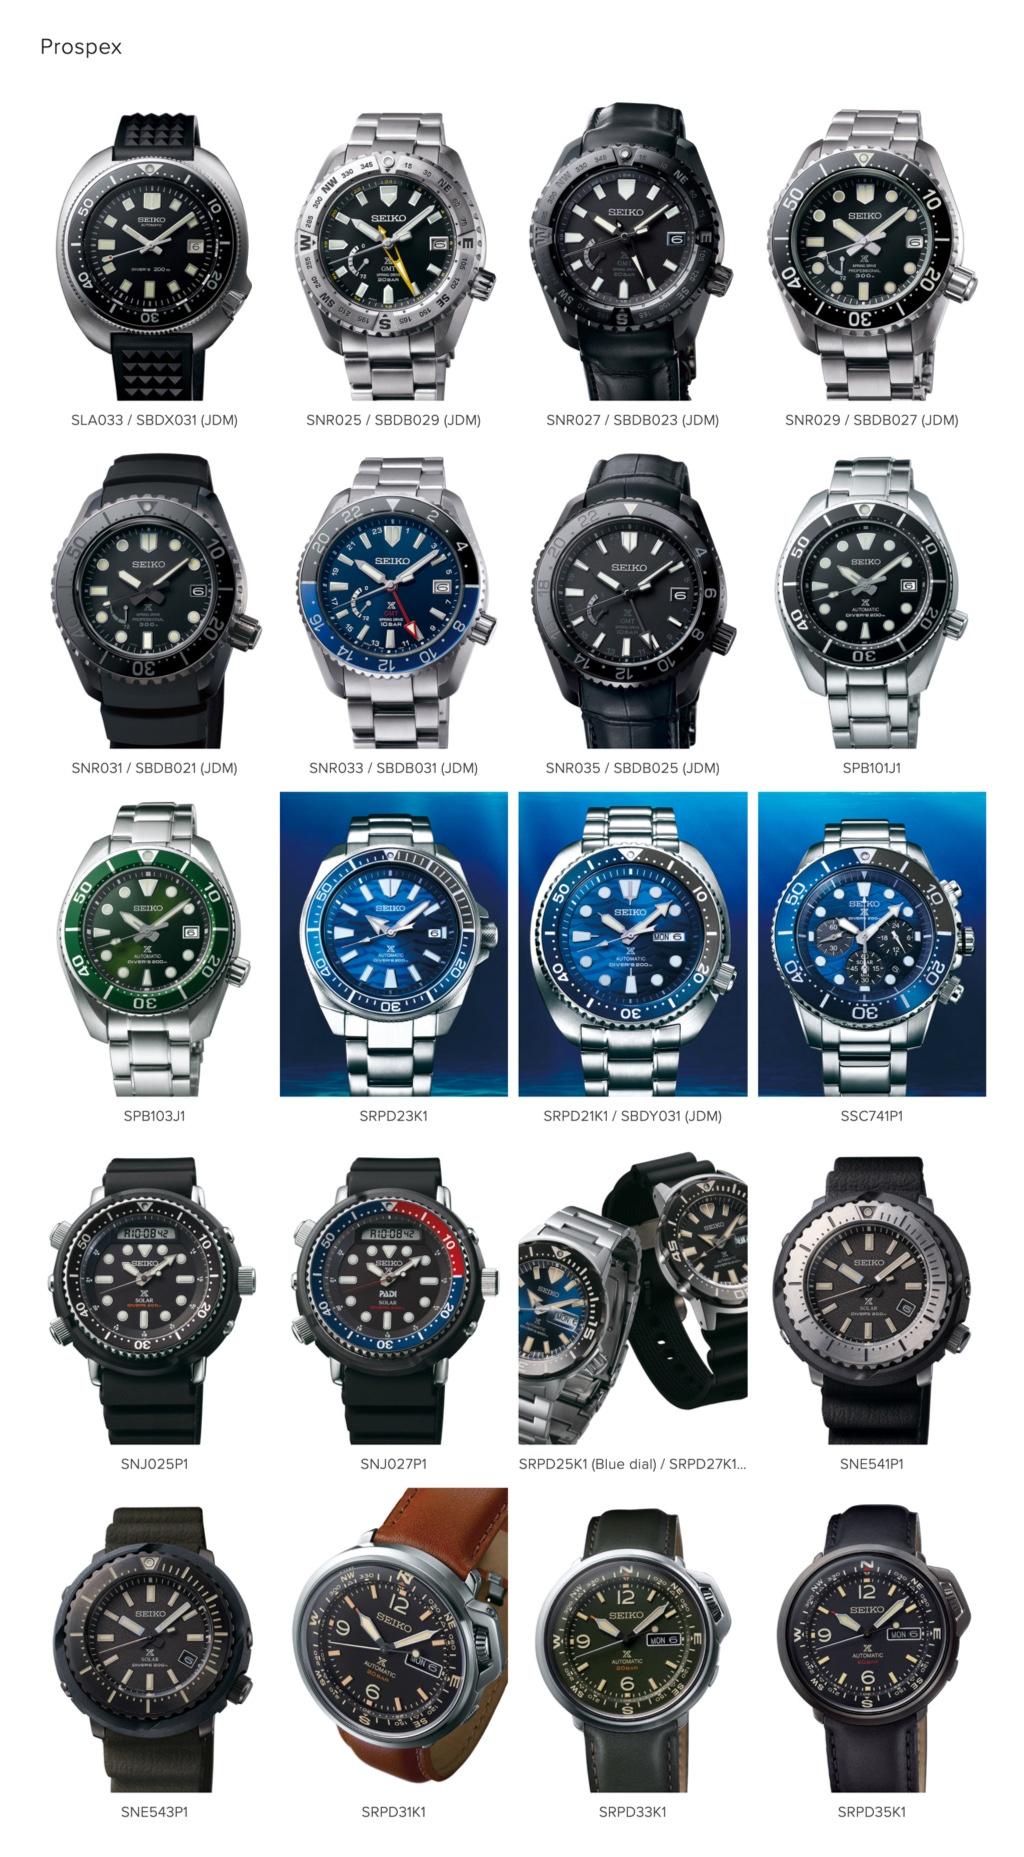 Actualités des montres non russes - Page 13 XJBGOJwtOJ8